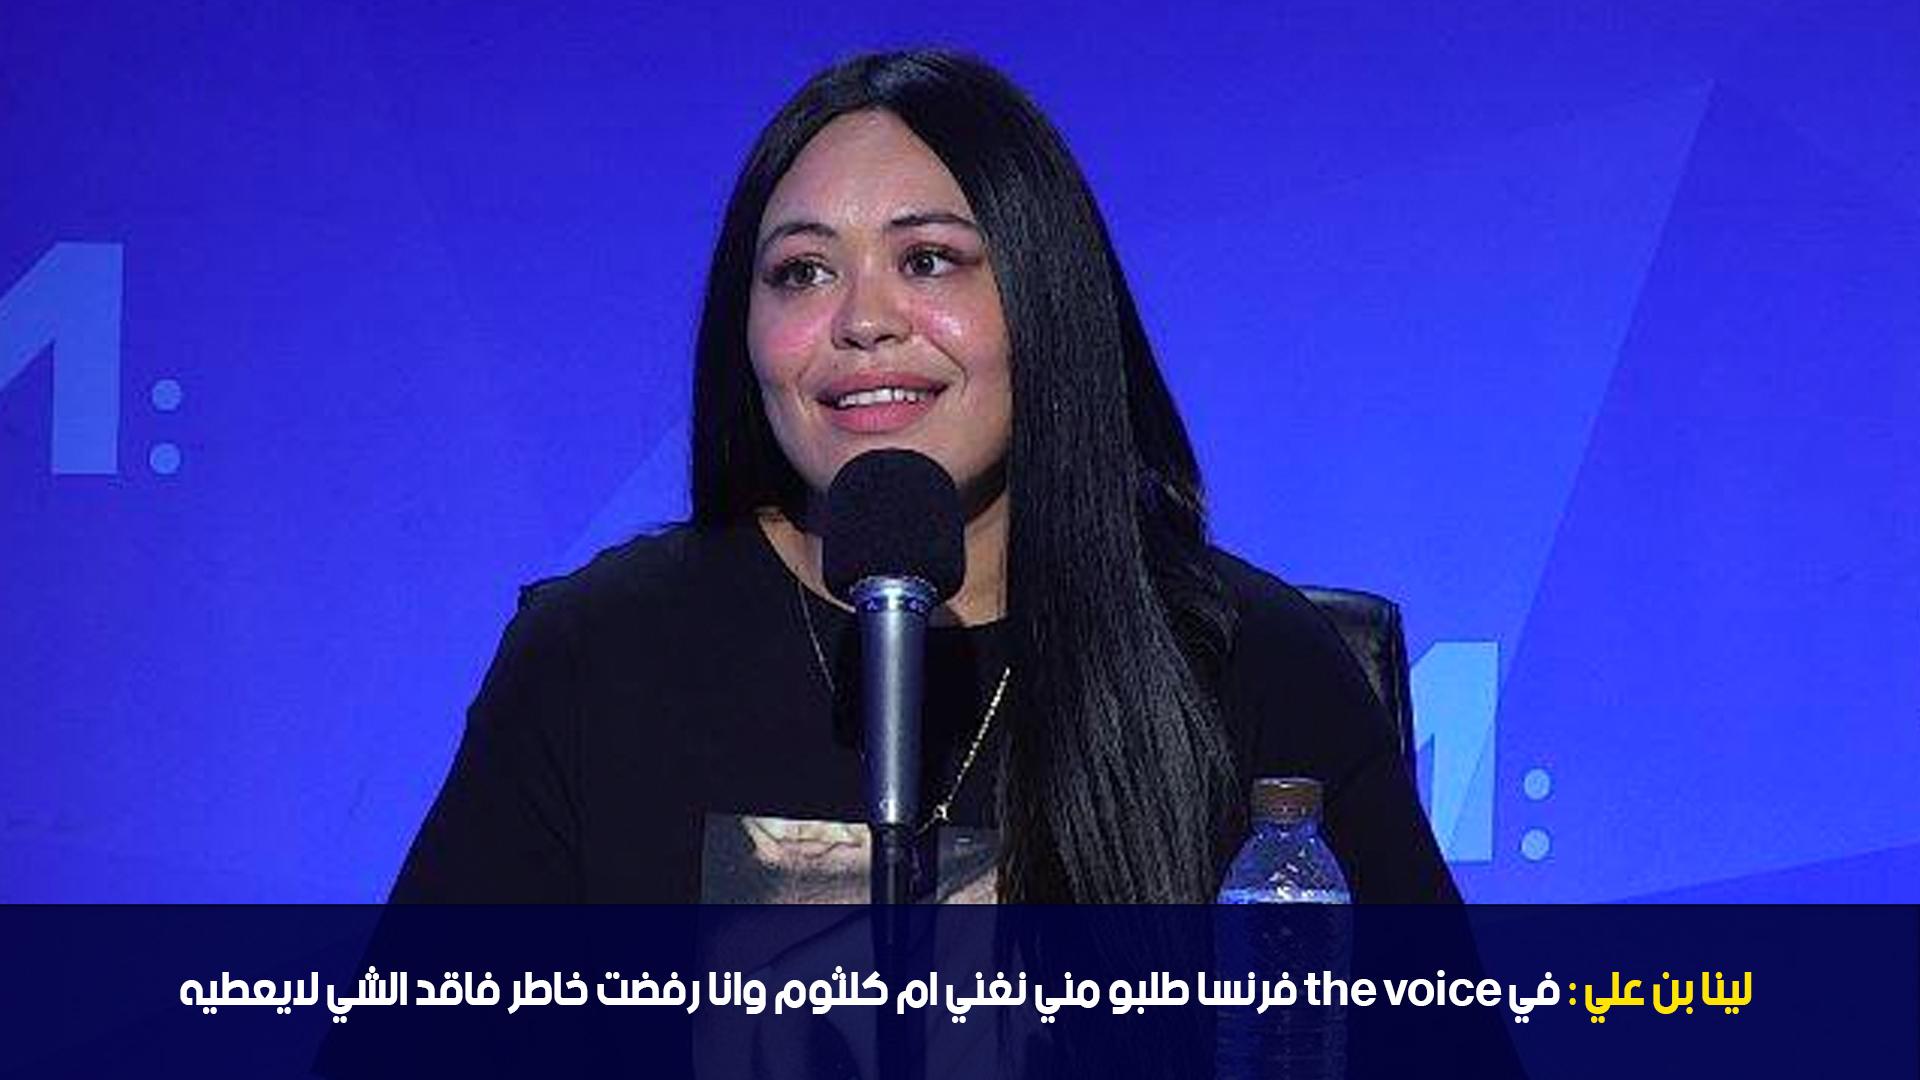 لينا بن علي : في the voice فرنسا طلبو مني نغني ام كلثوم وانا رفضت خاطر فاقد الشي لايعطيه